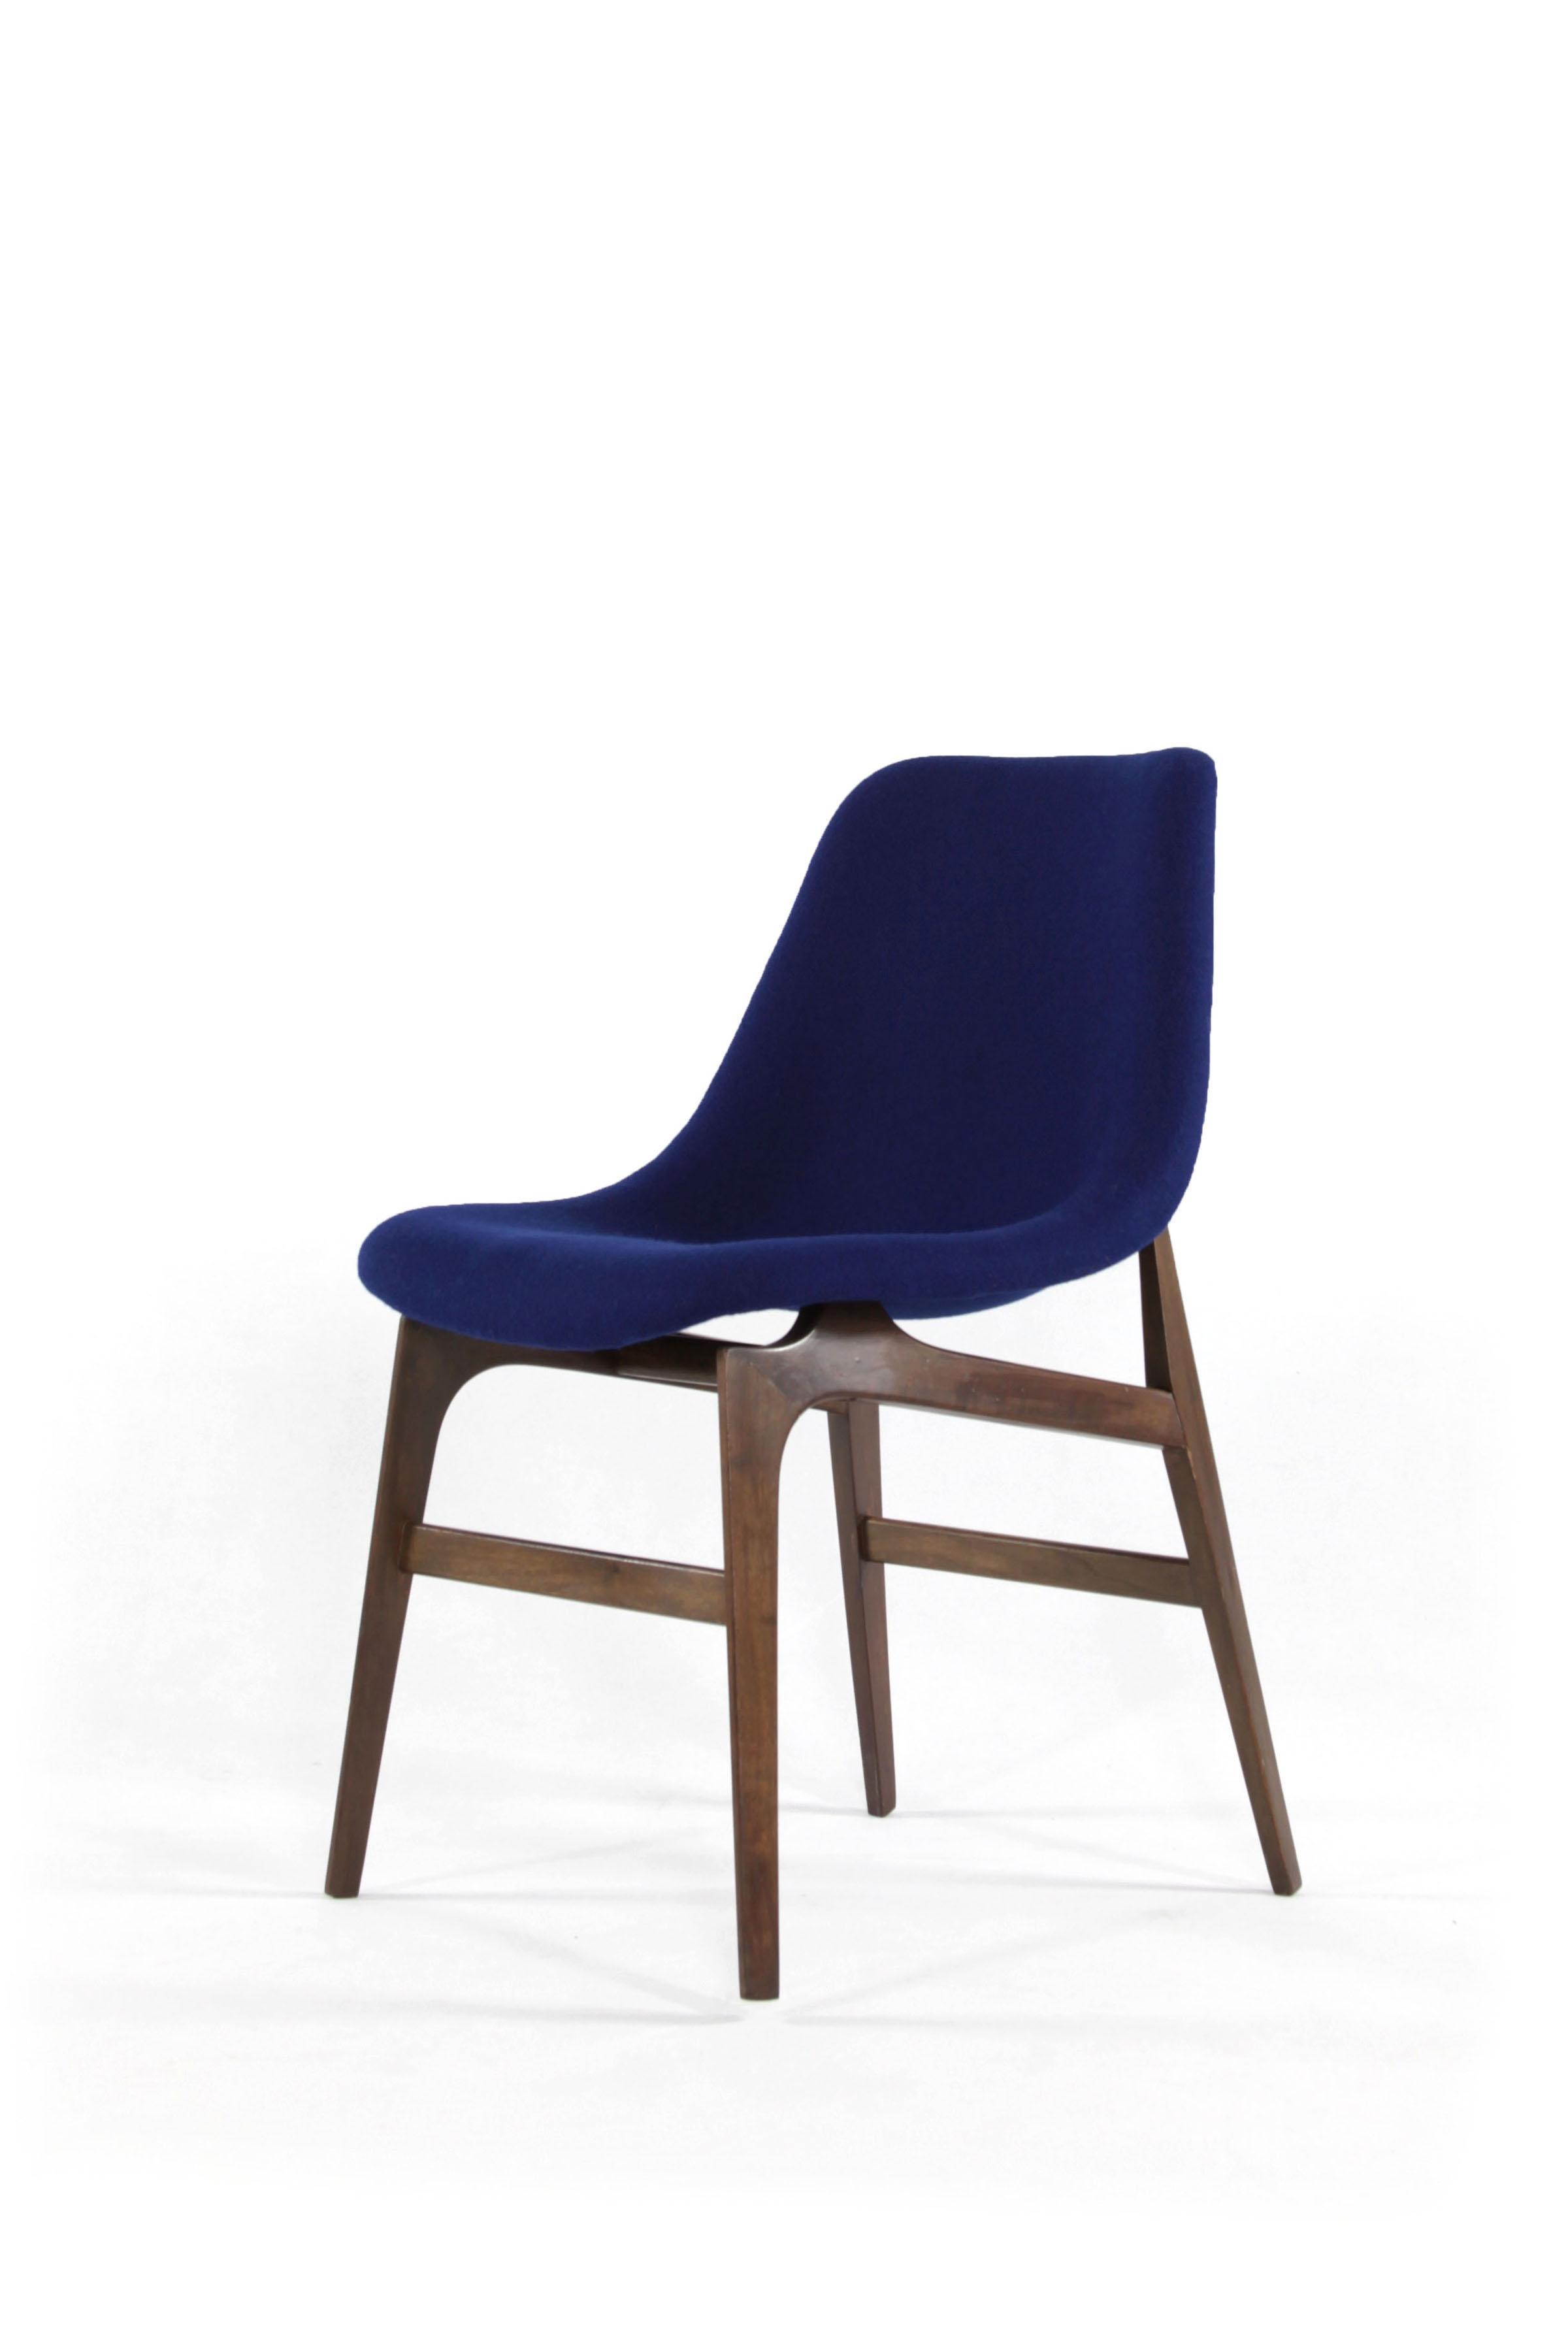 m belagentur alge id 435 6er set tiefblaue st hle. Black Bedroom Furniture Sets. Home Design Ideas